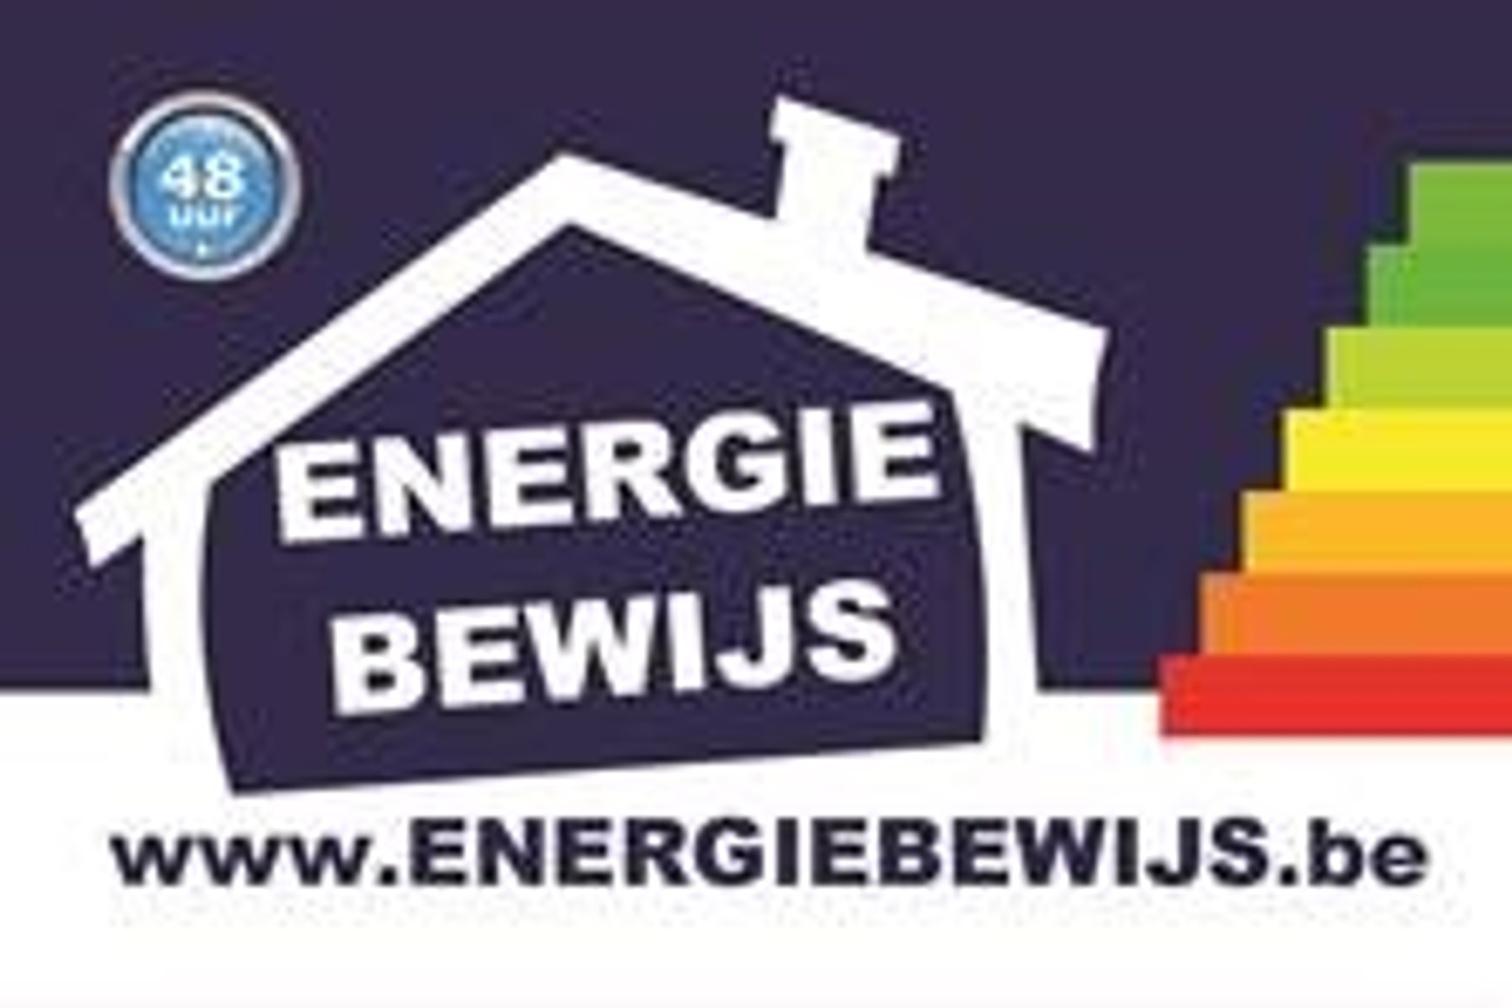 logo Energiebewijs Epc